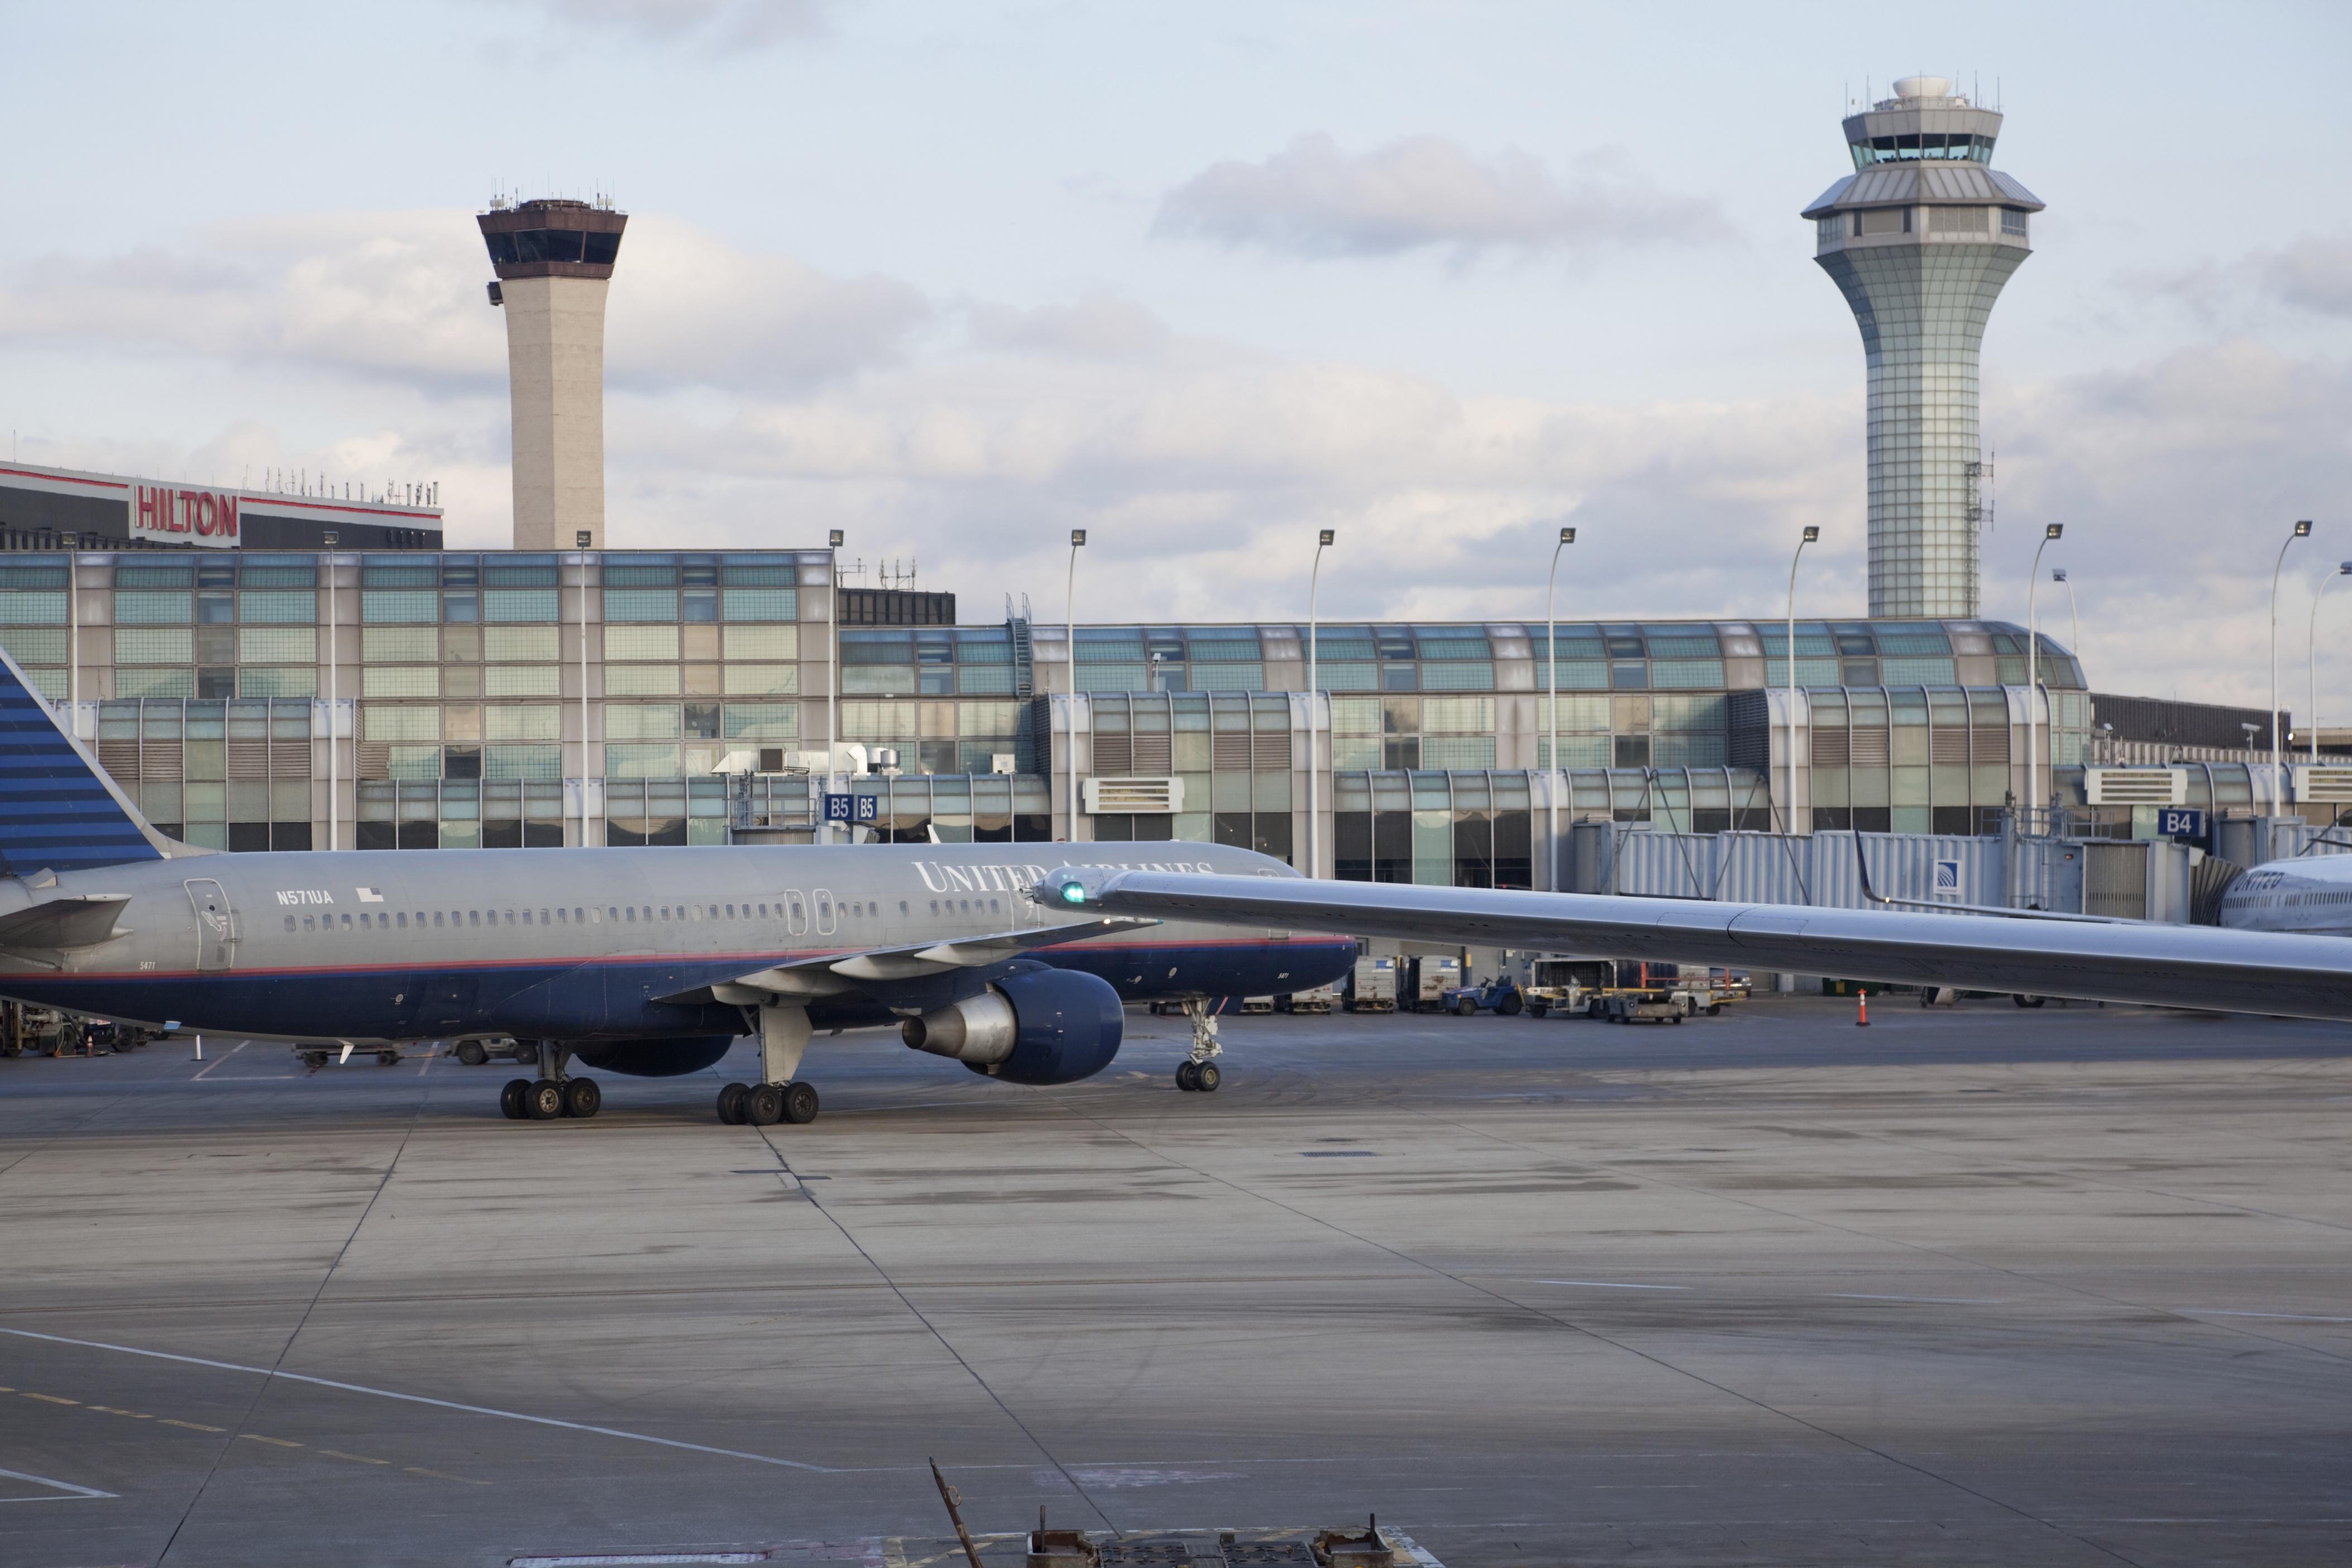 Chicago O'Hare International Airport Cargo Center